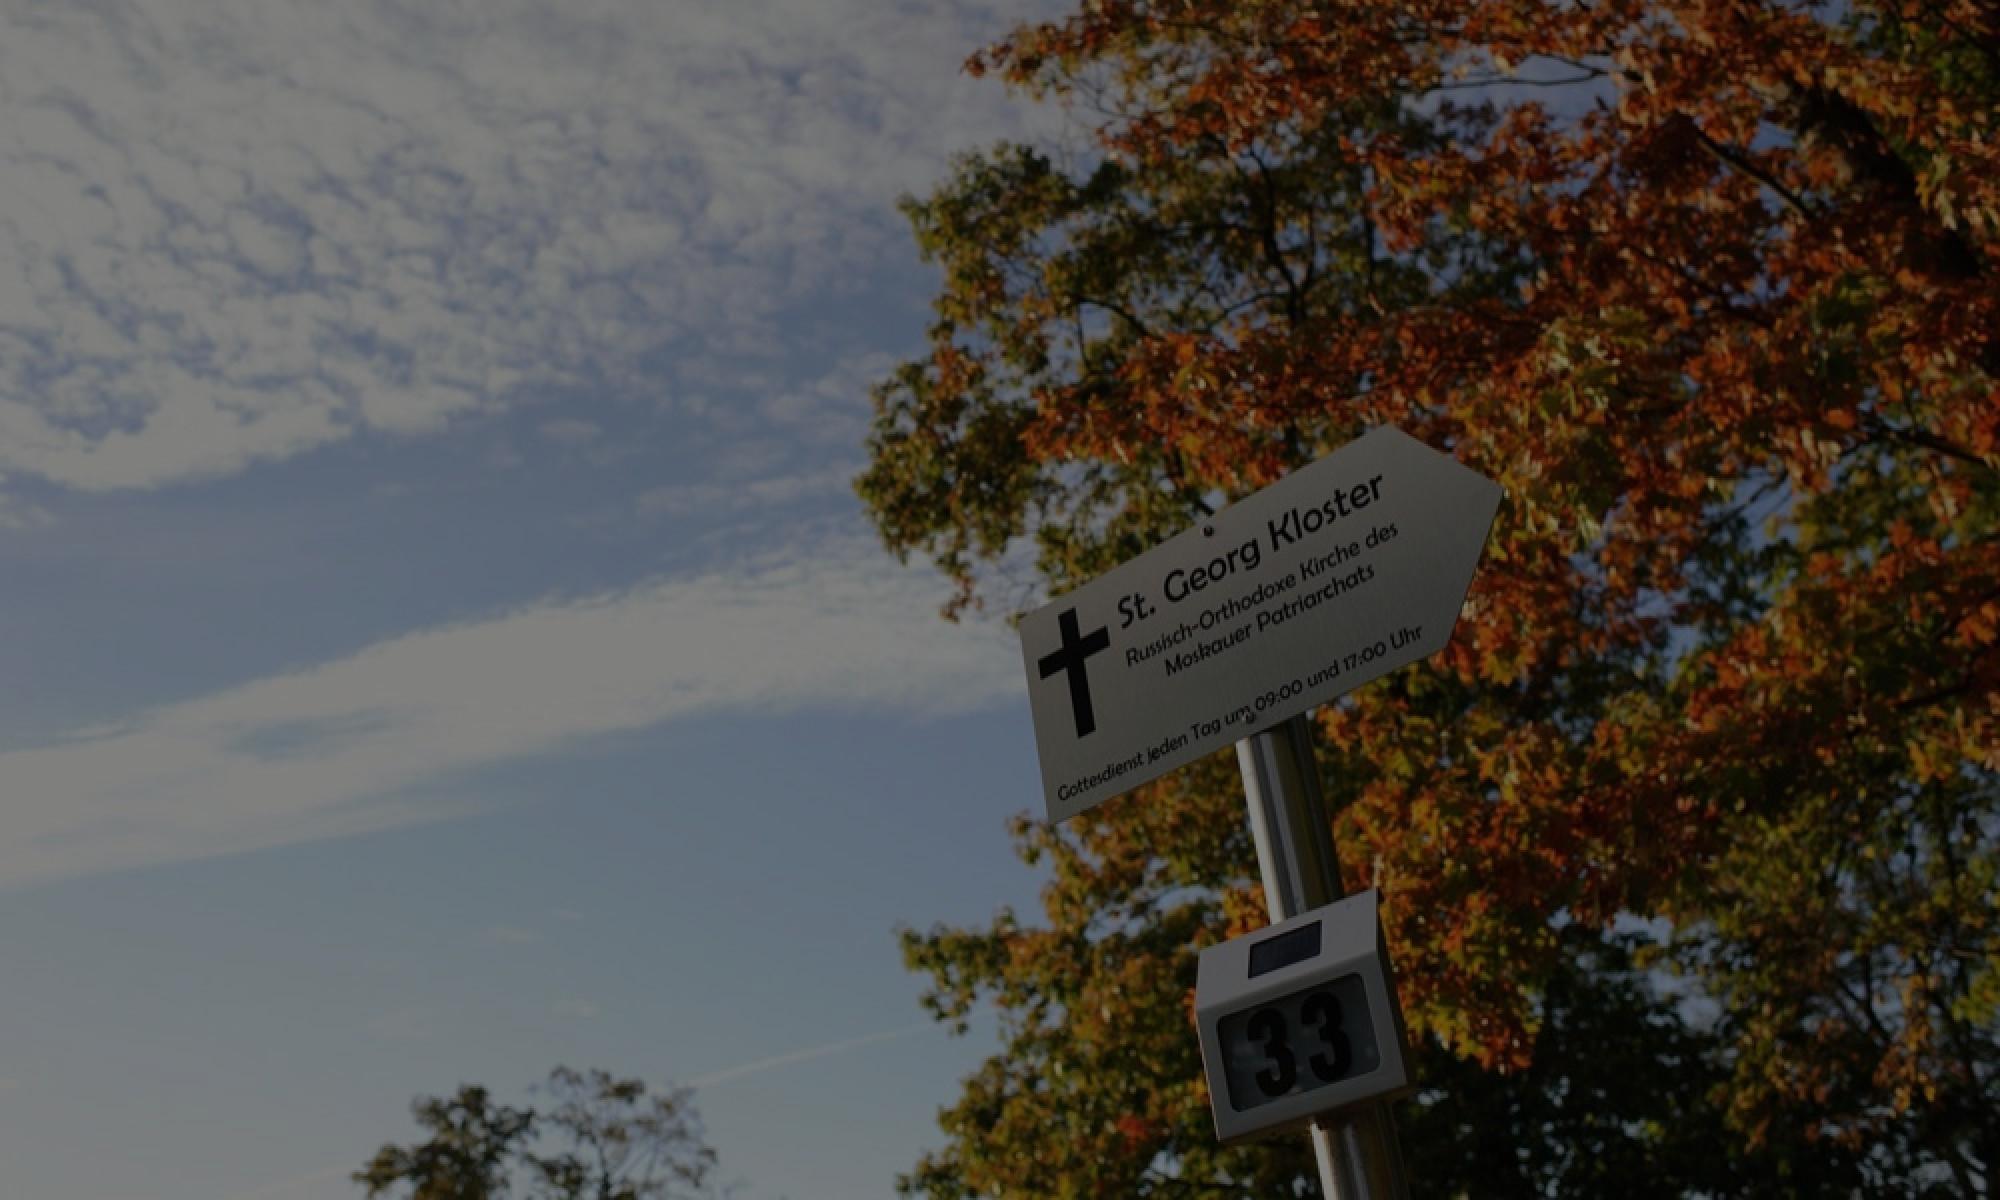 Götschendorf Brandenburg